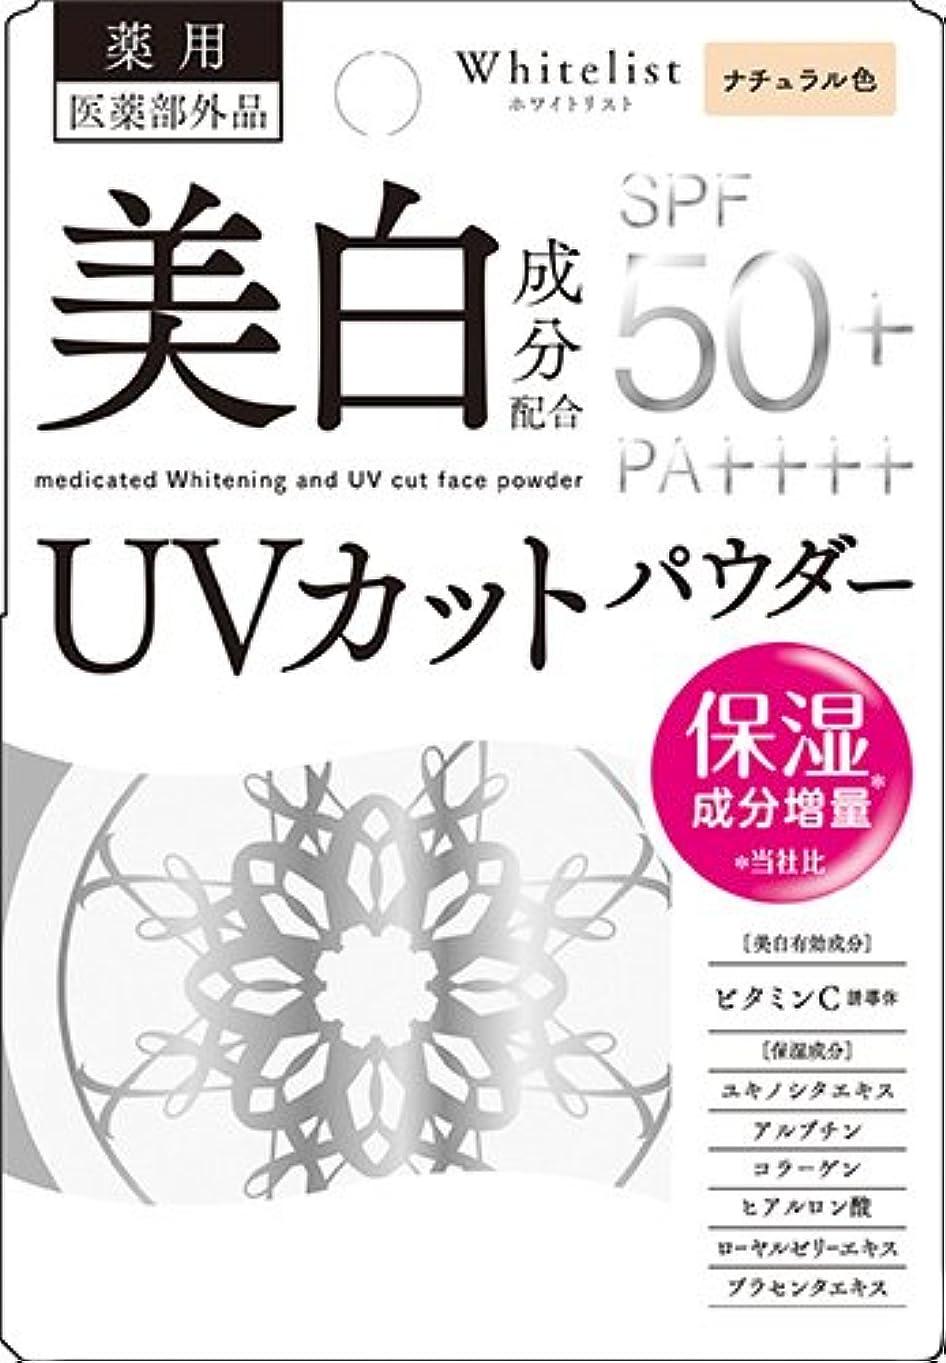 ゴミ精査摂動NUPホワイトリスト 薬用ホワイトニングUVカットパウダーEX (SPF50+ PA++++) 9g